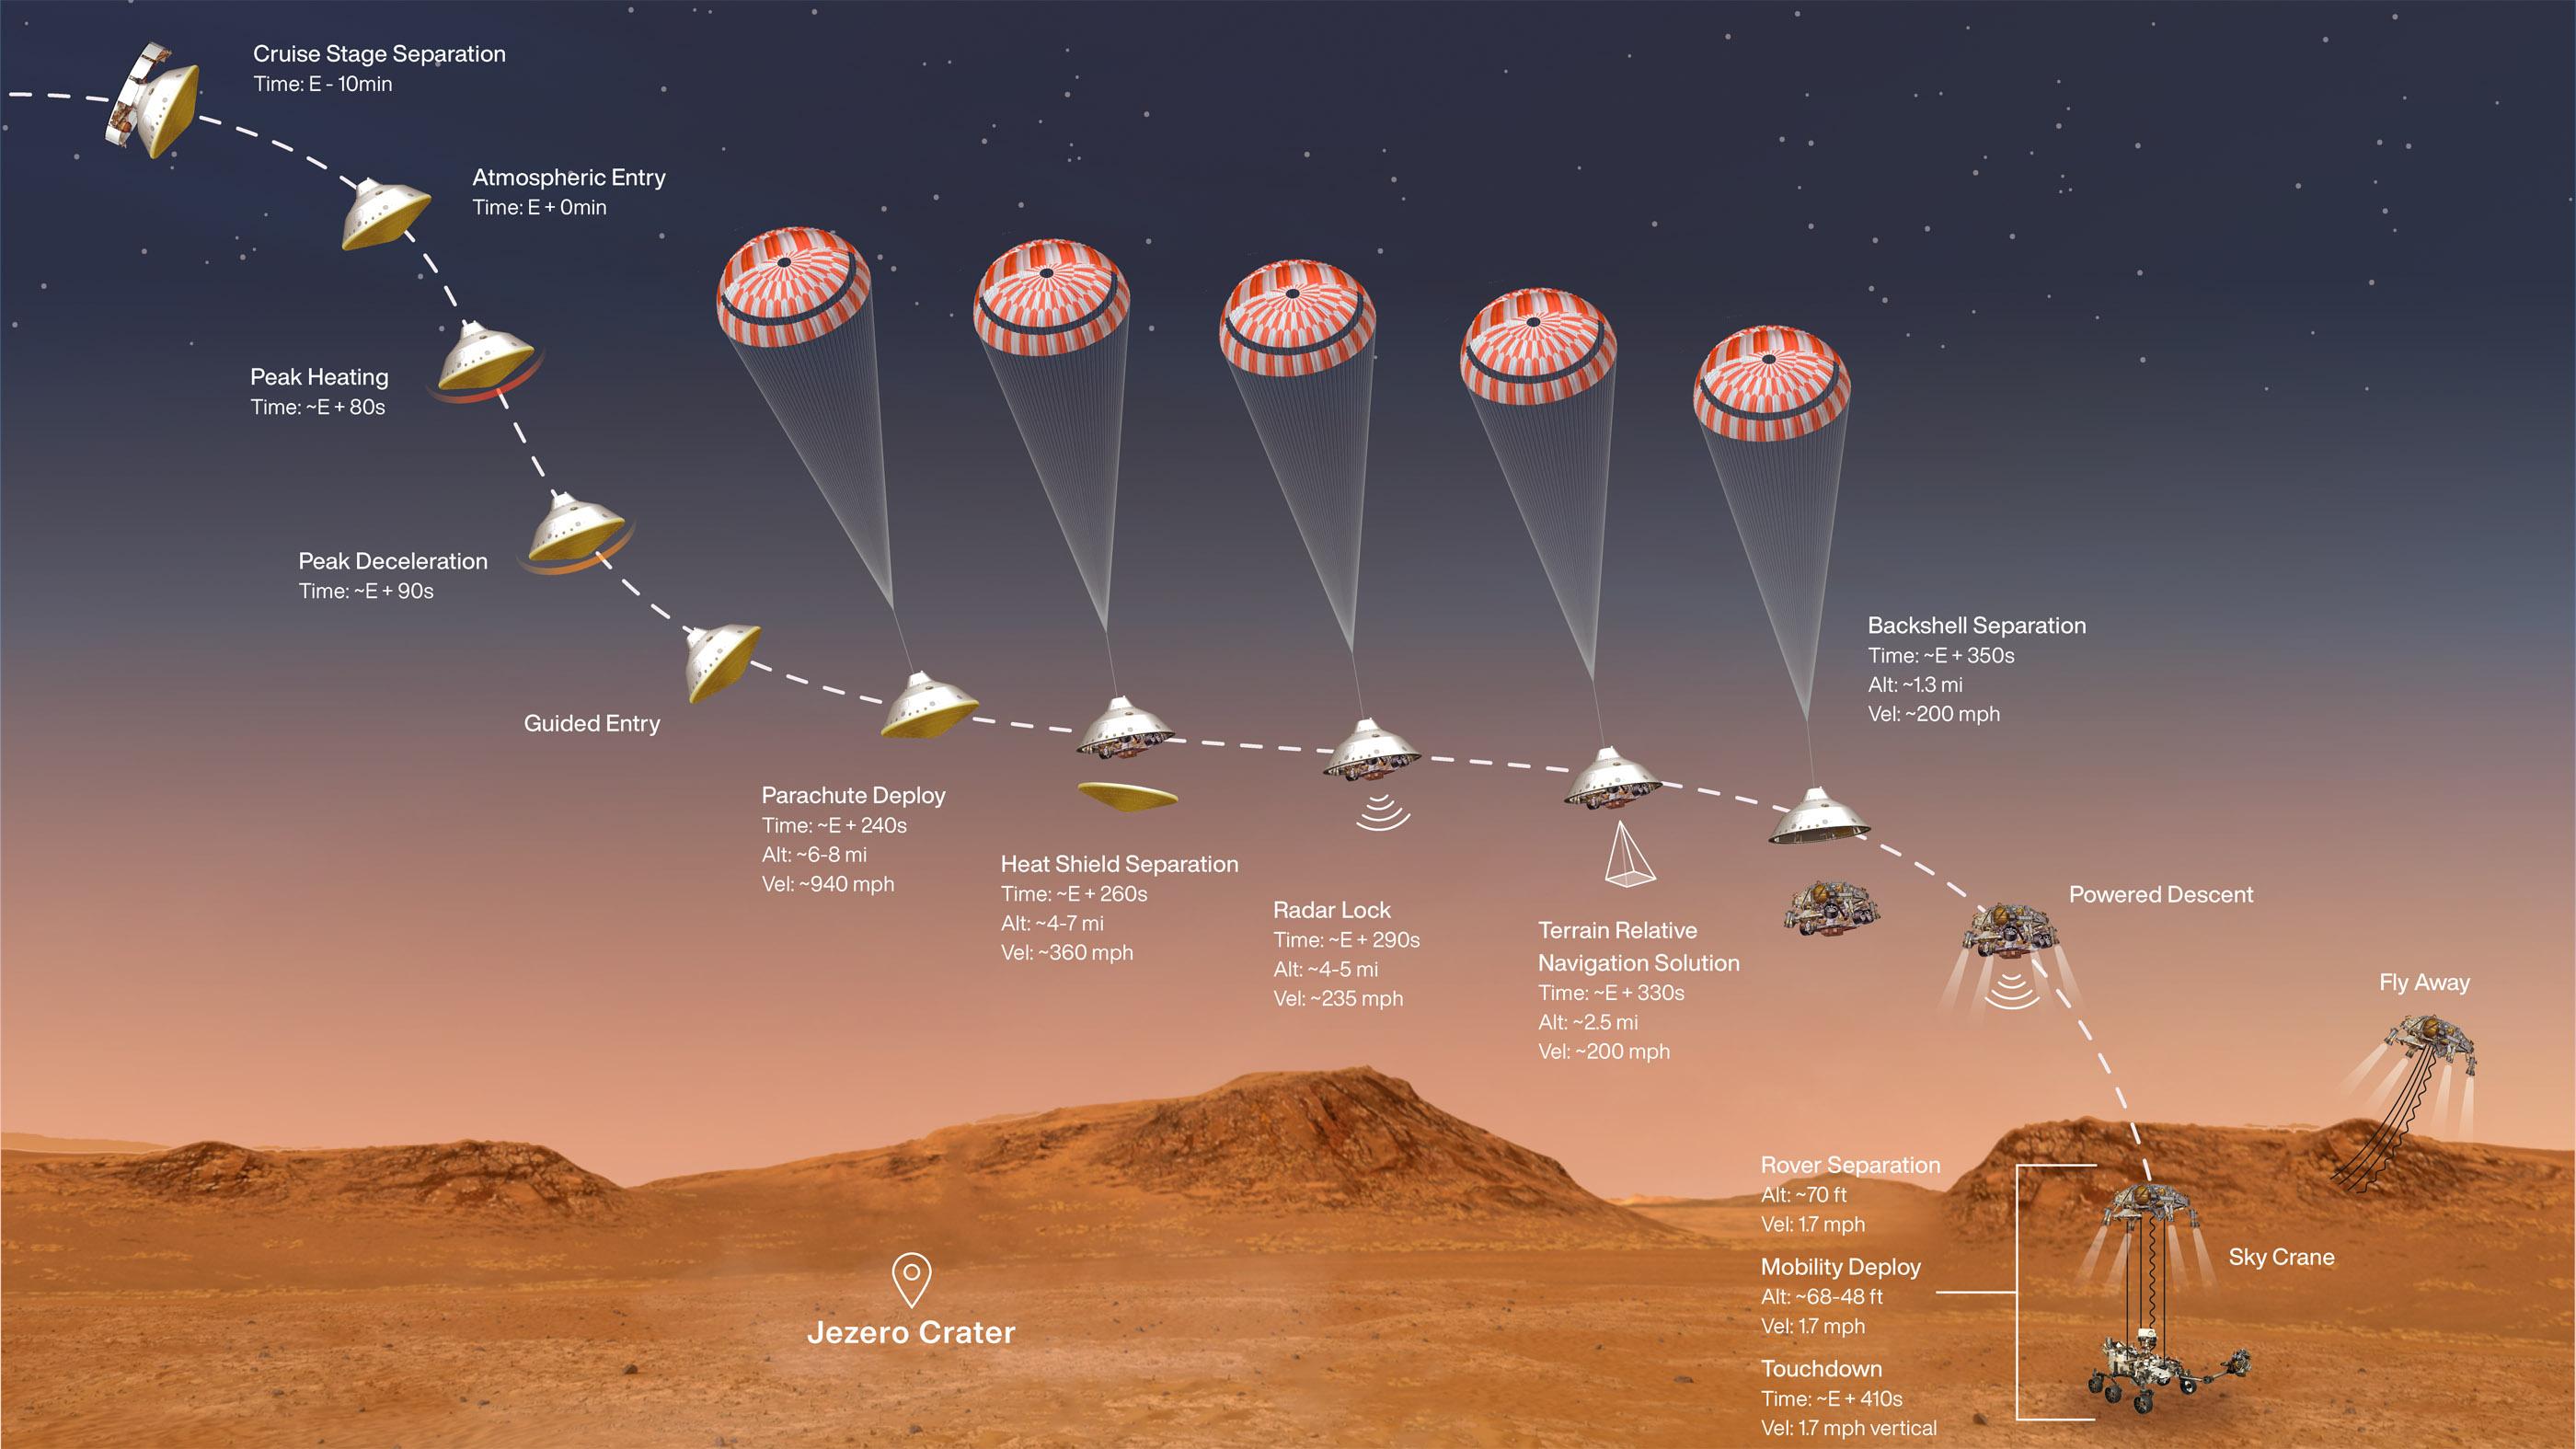 Un diagramme des étapes clés de la séquence d'entrée, de descente et d'atterrissage de la mission Mars 2020 du 18 février 2021.